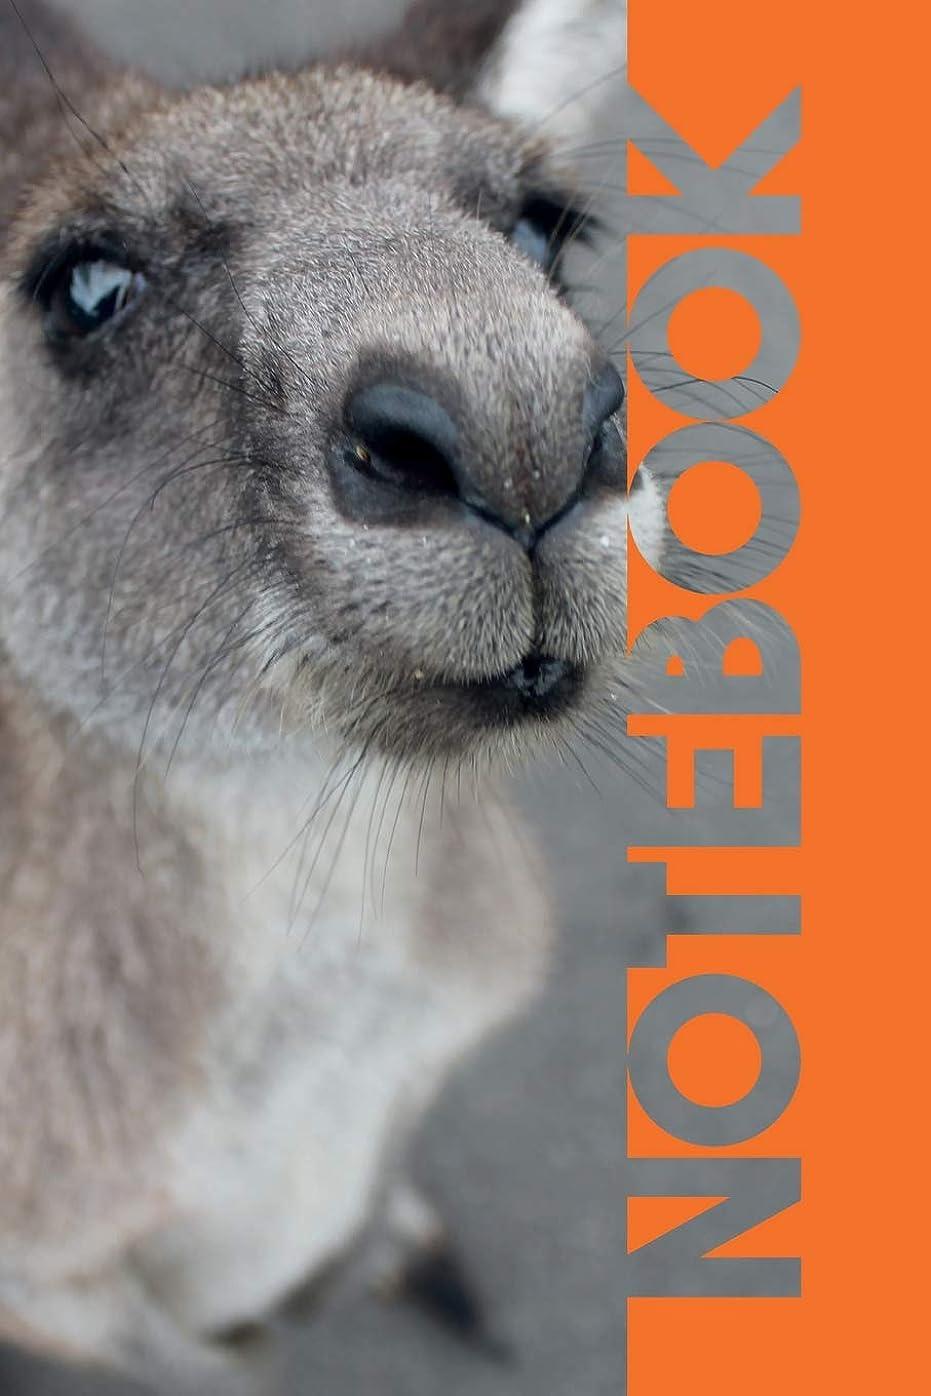 マラウイ修理工用語集Notebook: Marsupial Professional Composition Book for Grey Kangaroo Lovers